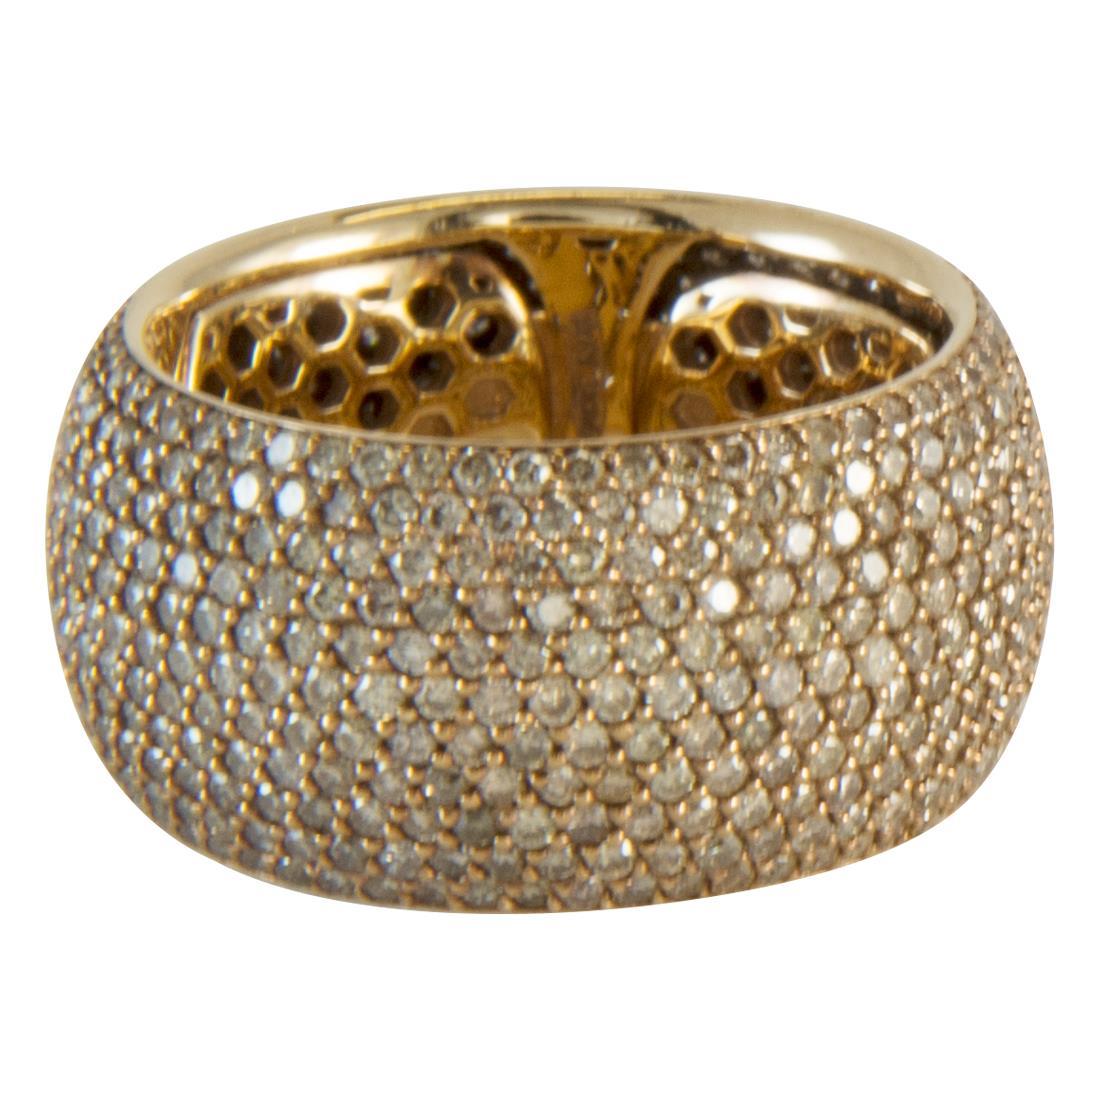 Anello  in oro 18kt con diamanti brown ct 4.00 - ALFIERI ST JOHN